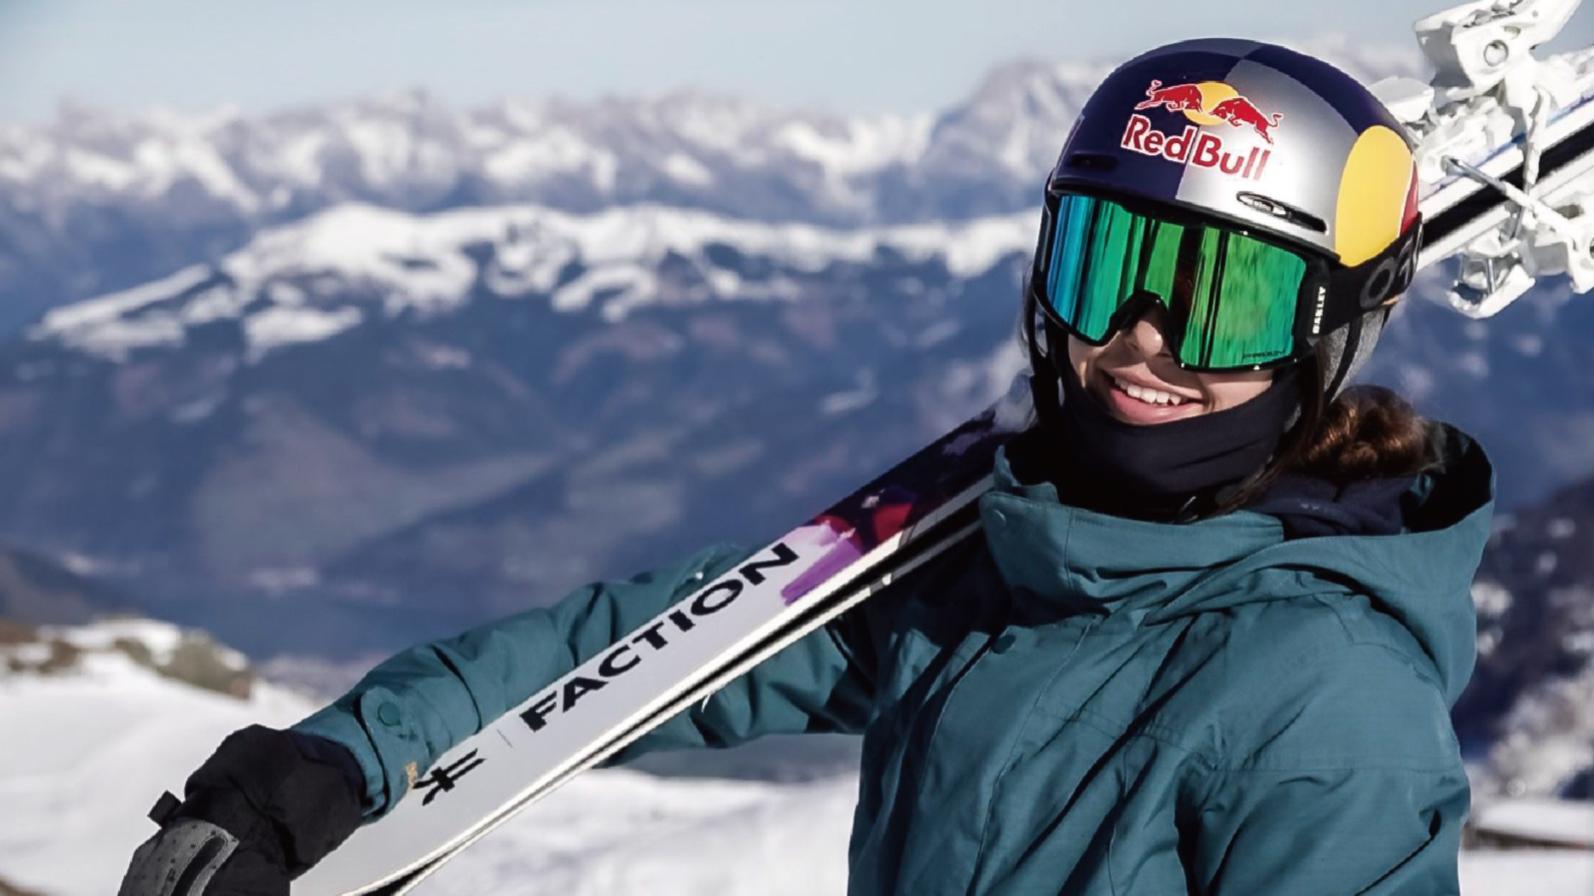 滑雪少女谷爱凌签约奥地利红牛 唤醒全民冰雪热潮